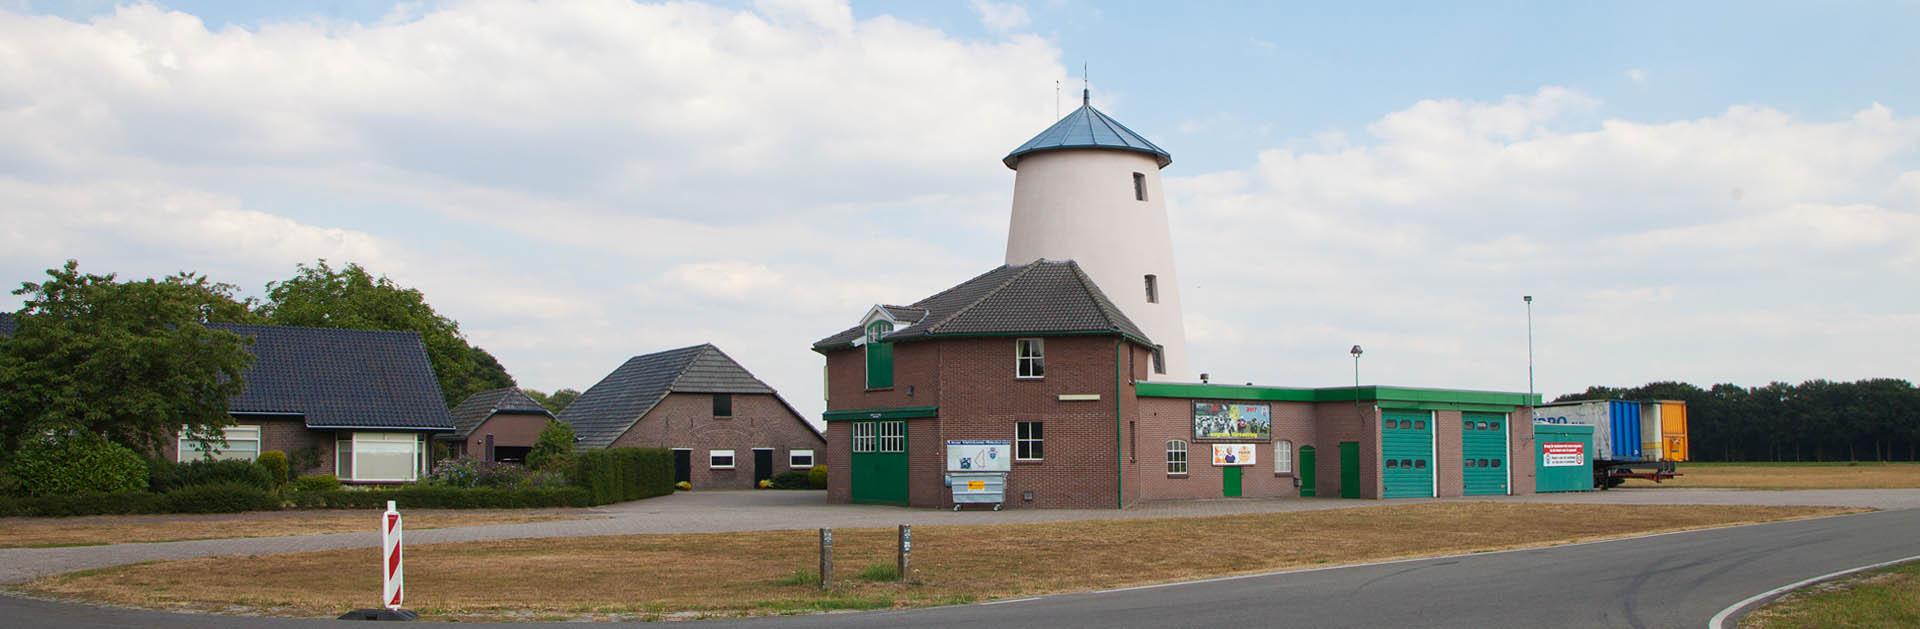 Varsselse Molen - Hengelo Regio Achterhoek - Liemers